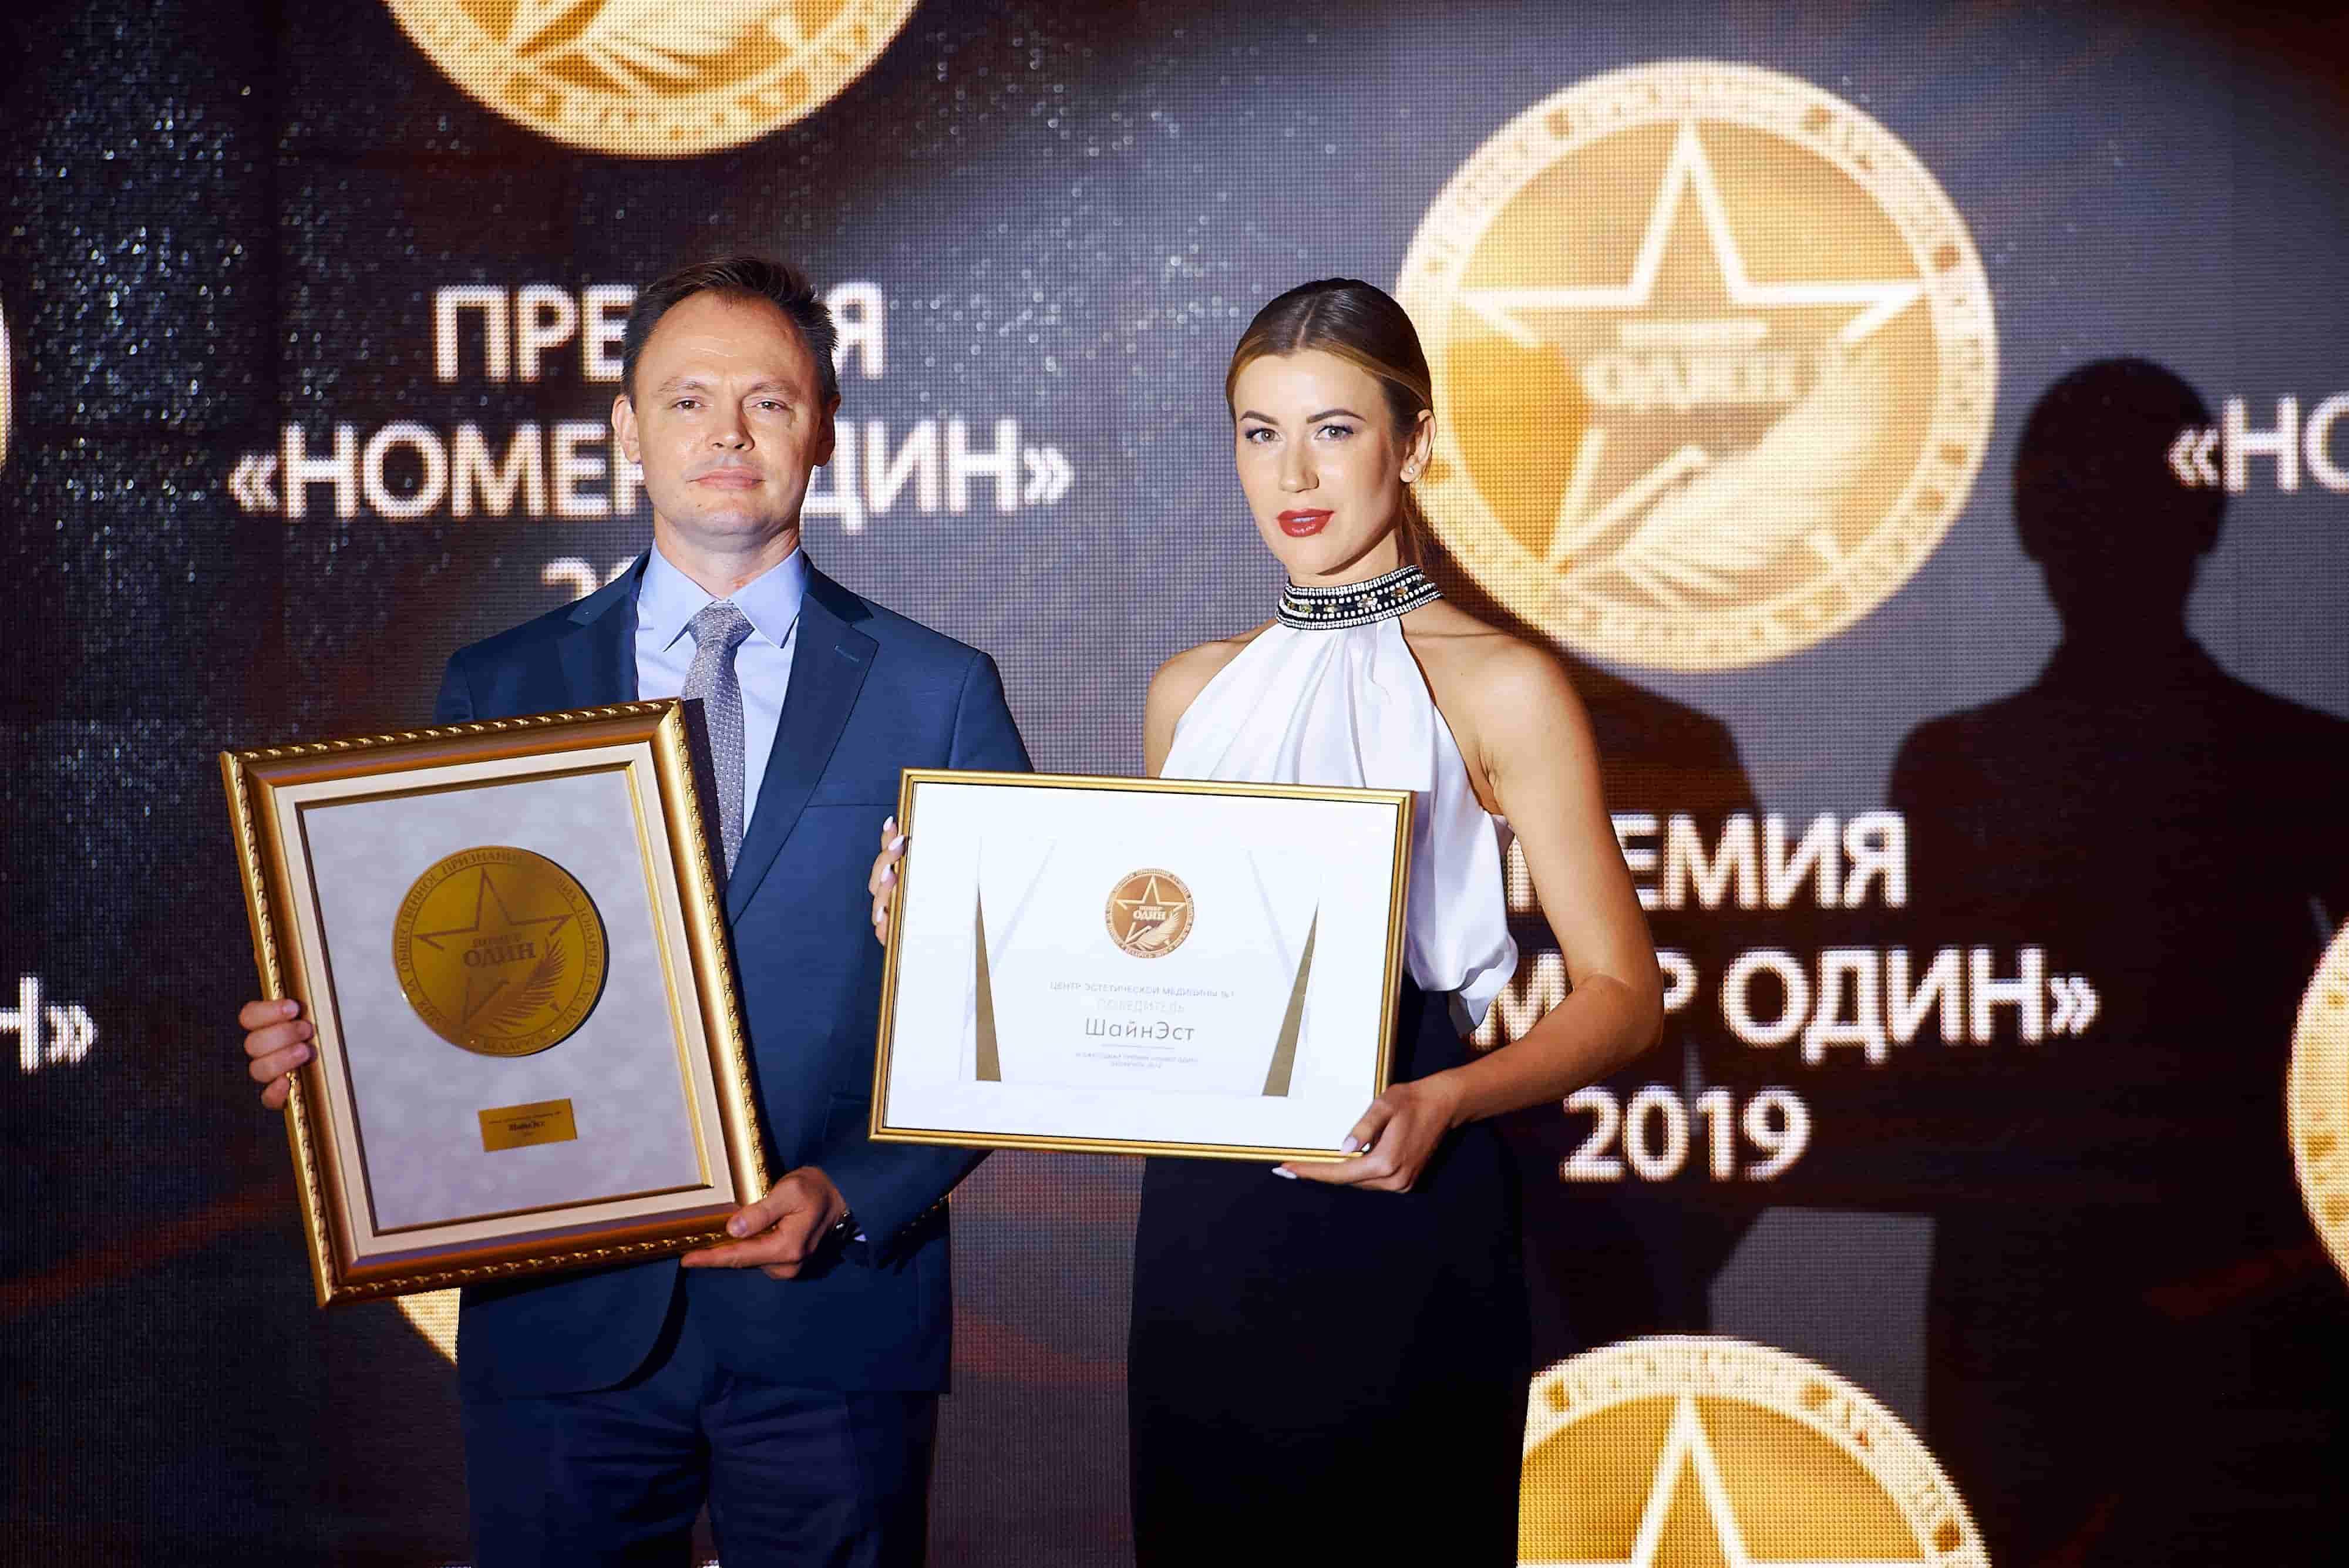 «ШайнЭст» подтвердил звание лучших в III Ежегодной премии «Номер один» 2019